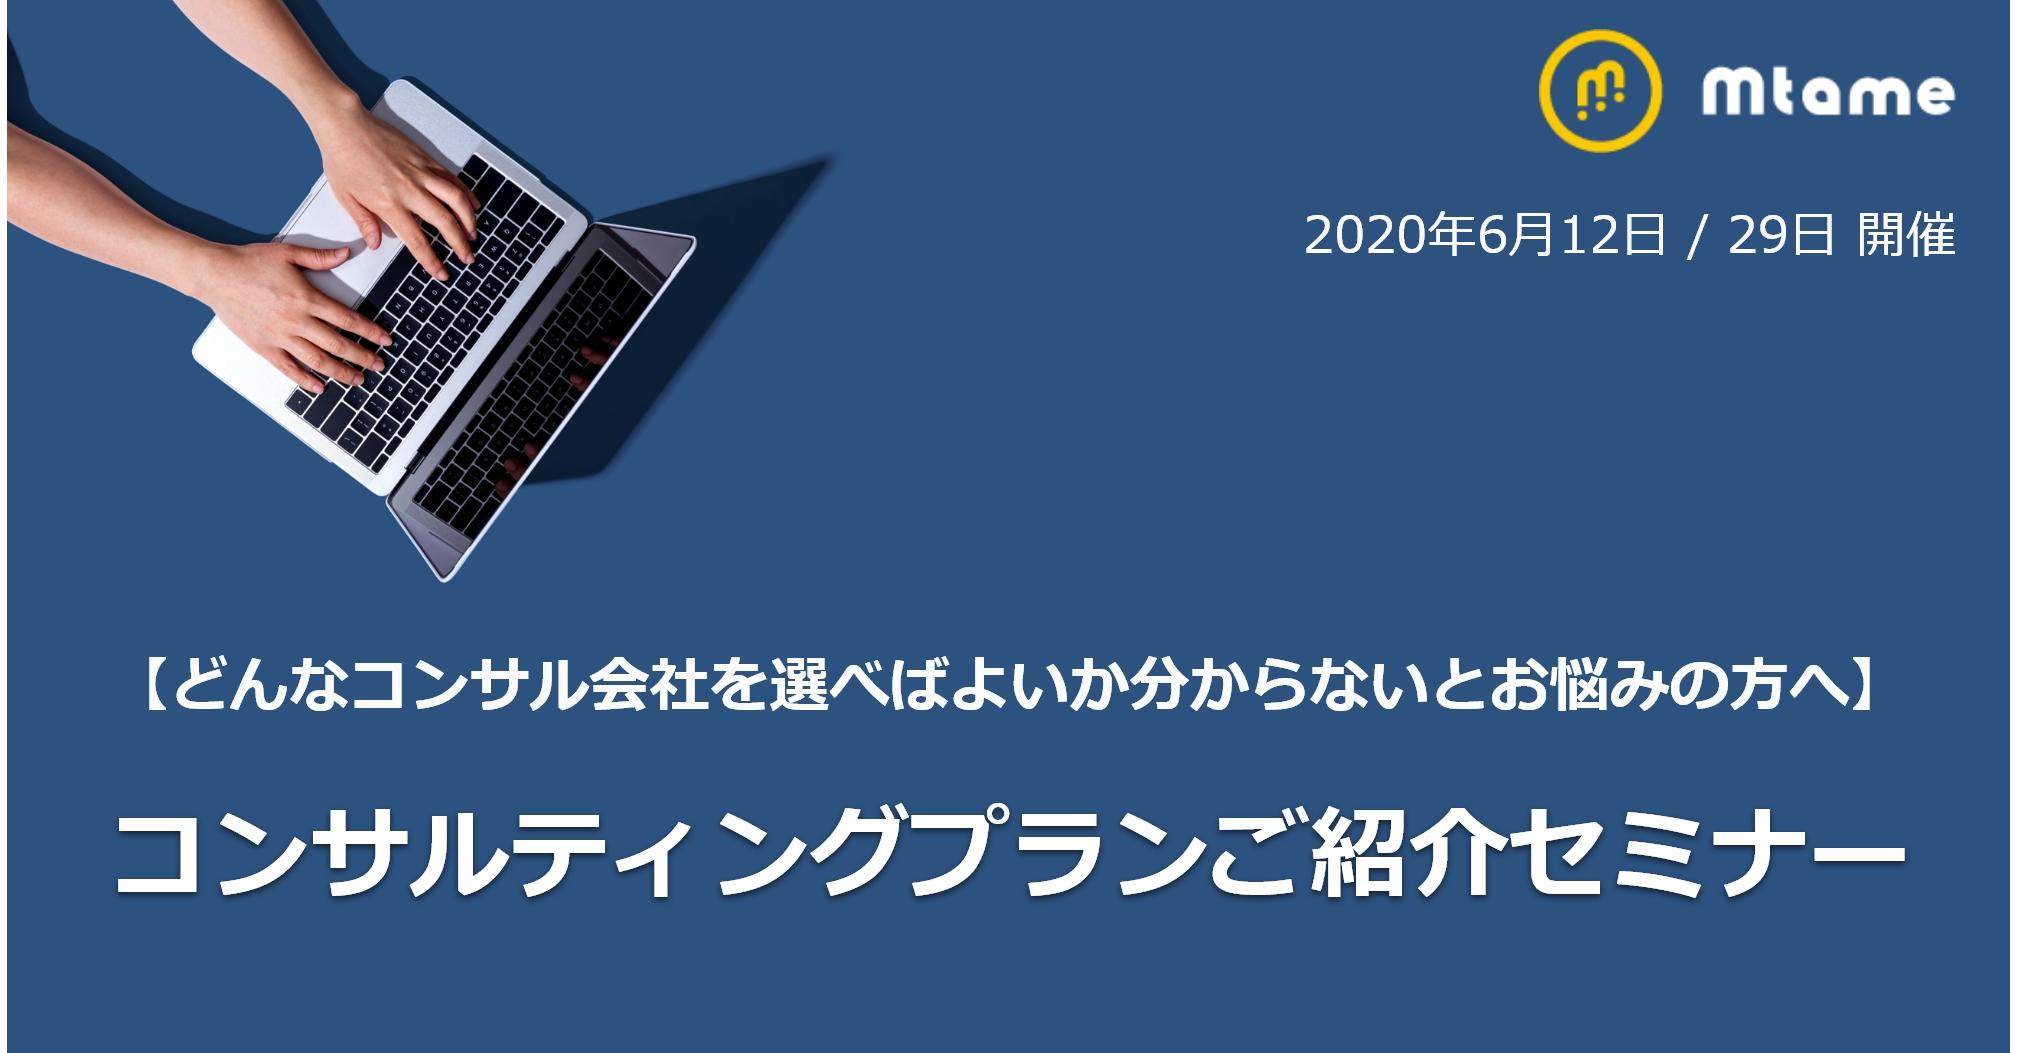 【7月28日(火)】[どんなコンサル会社を選べばよいか分からないとお悩みの方へ]コンサルティングプランご紹介セミナー